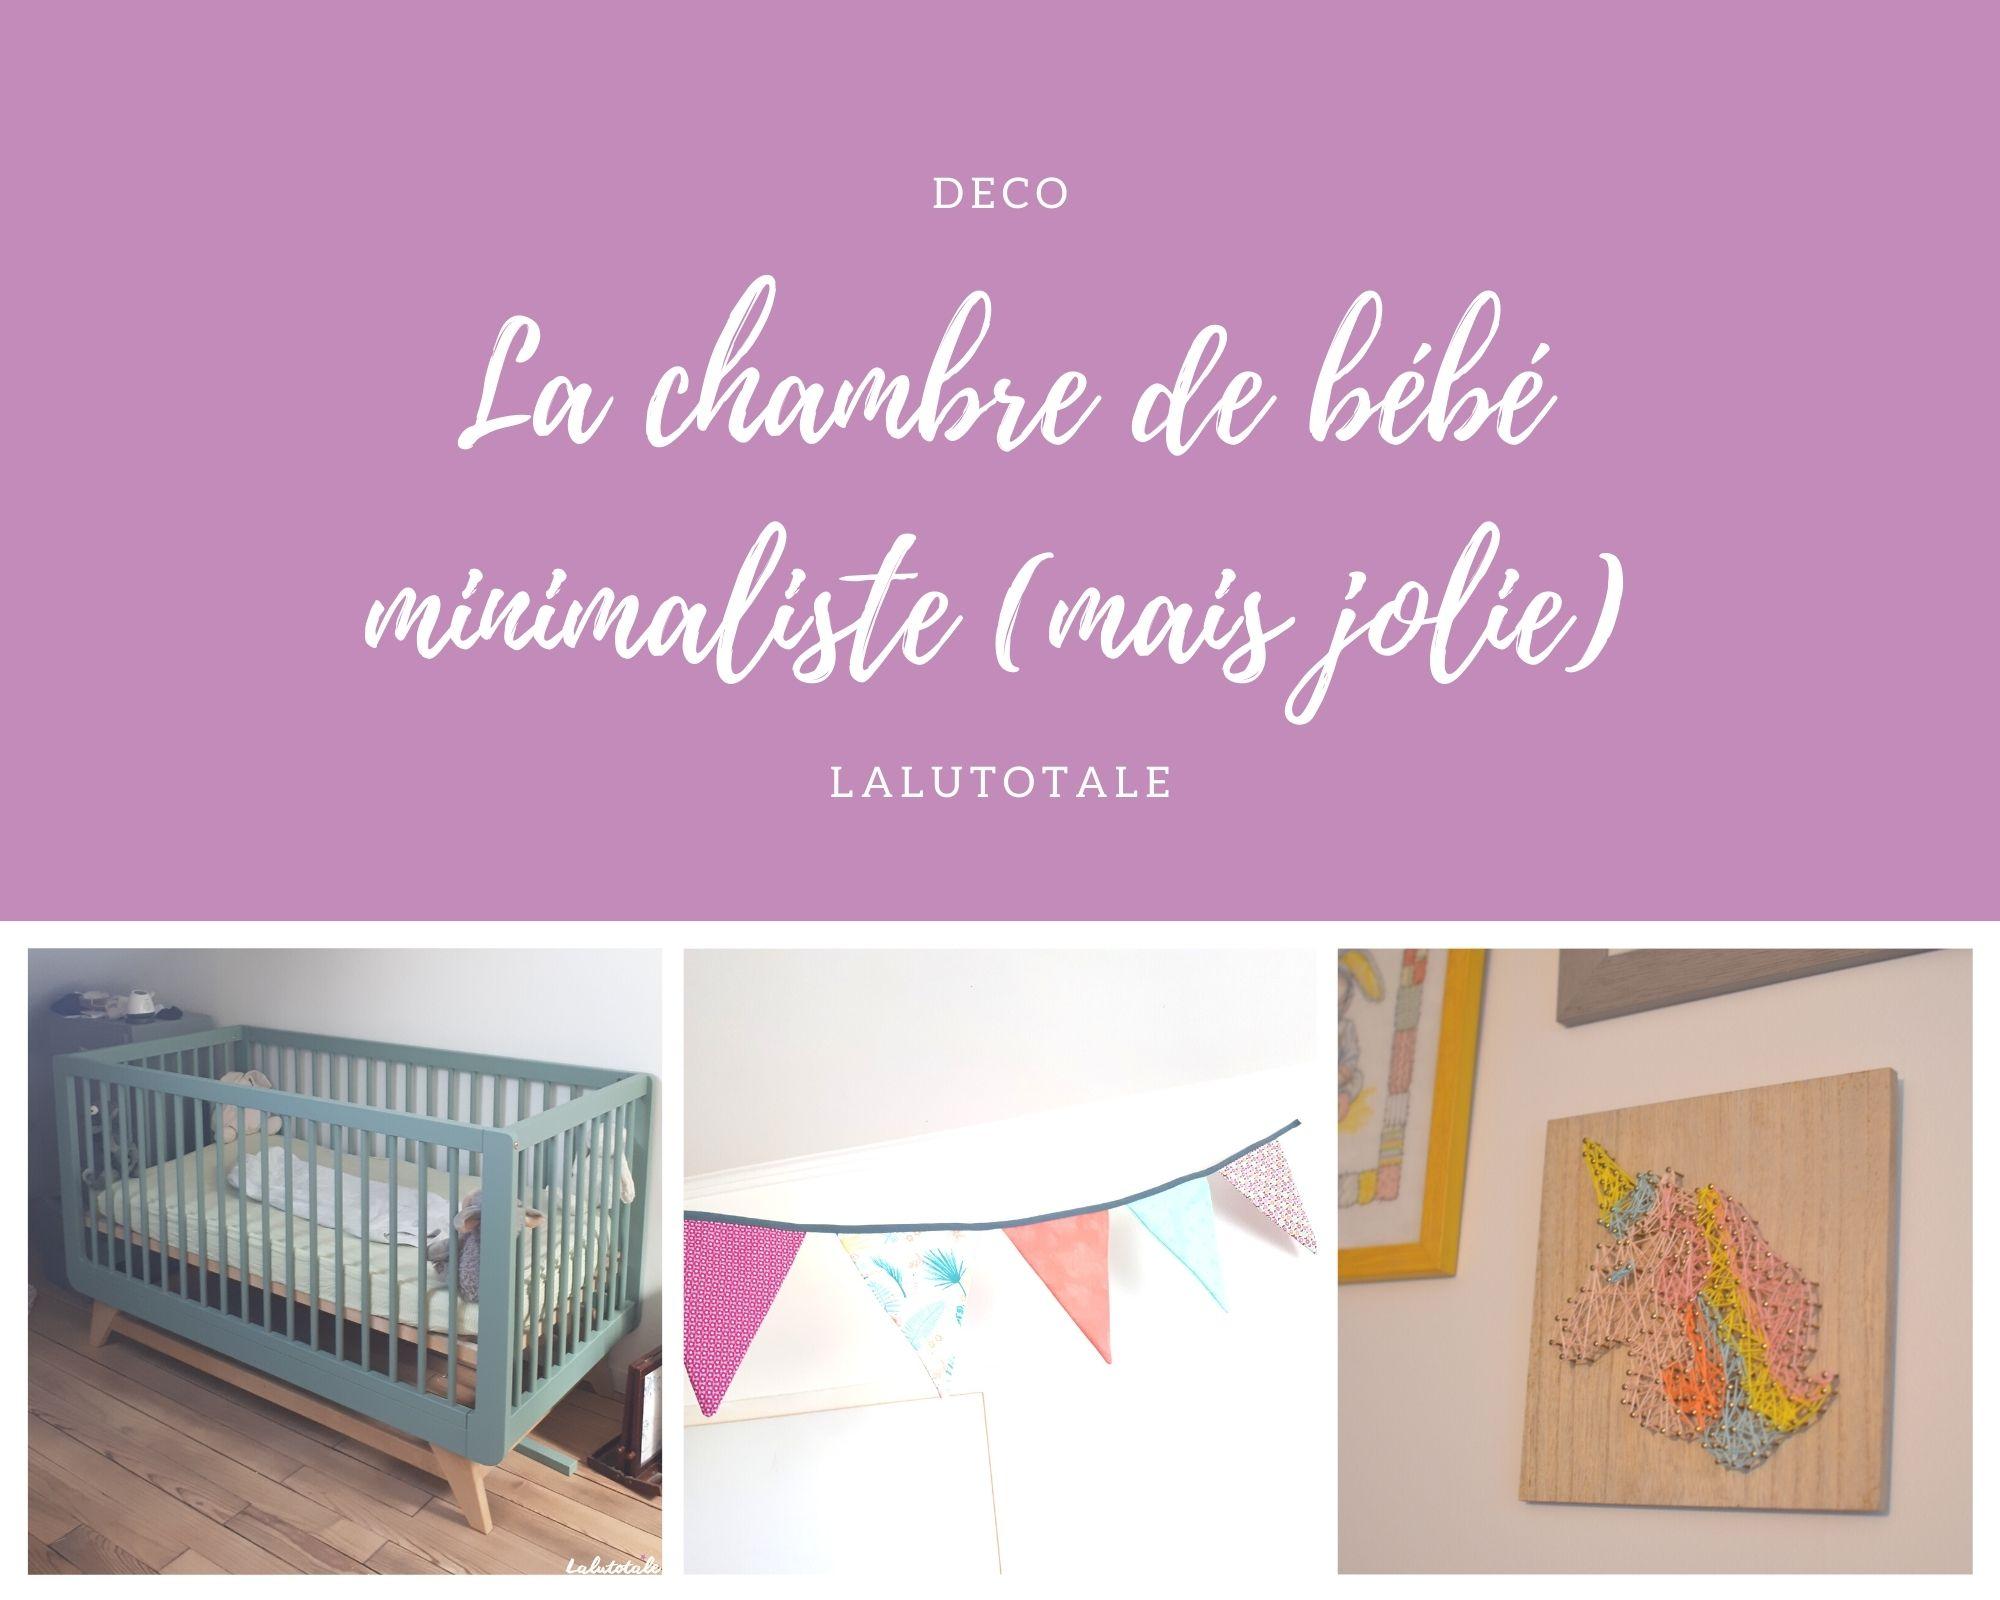 La déco dans la chambre de bébé : adepte du minimalisme joli ! 🌟